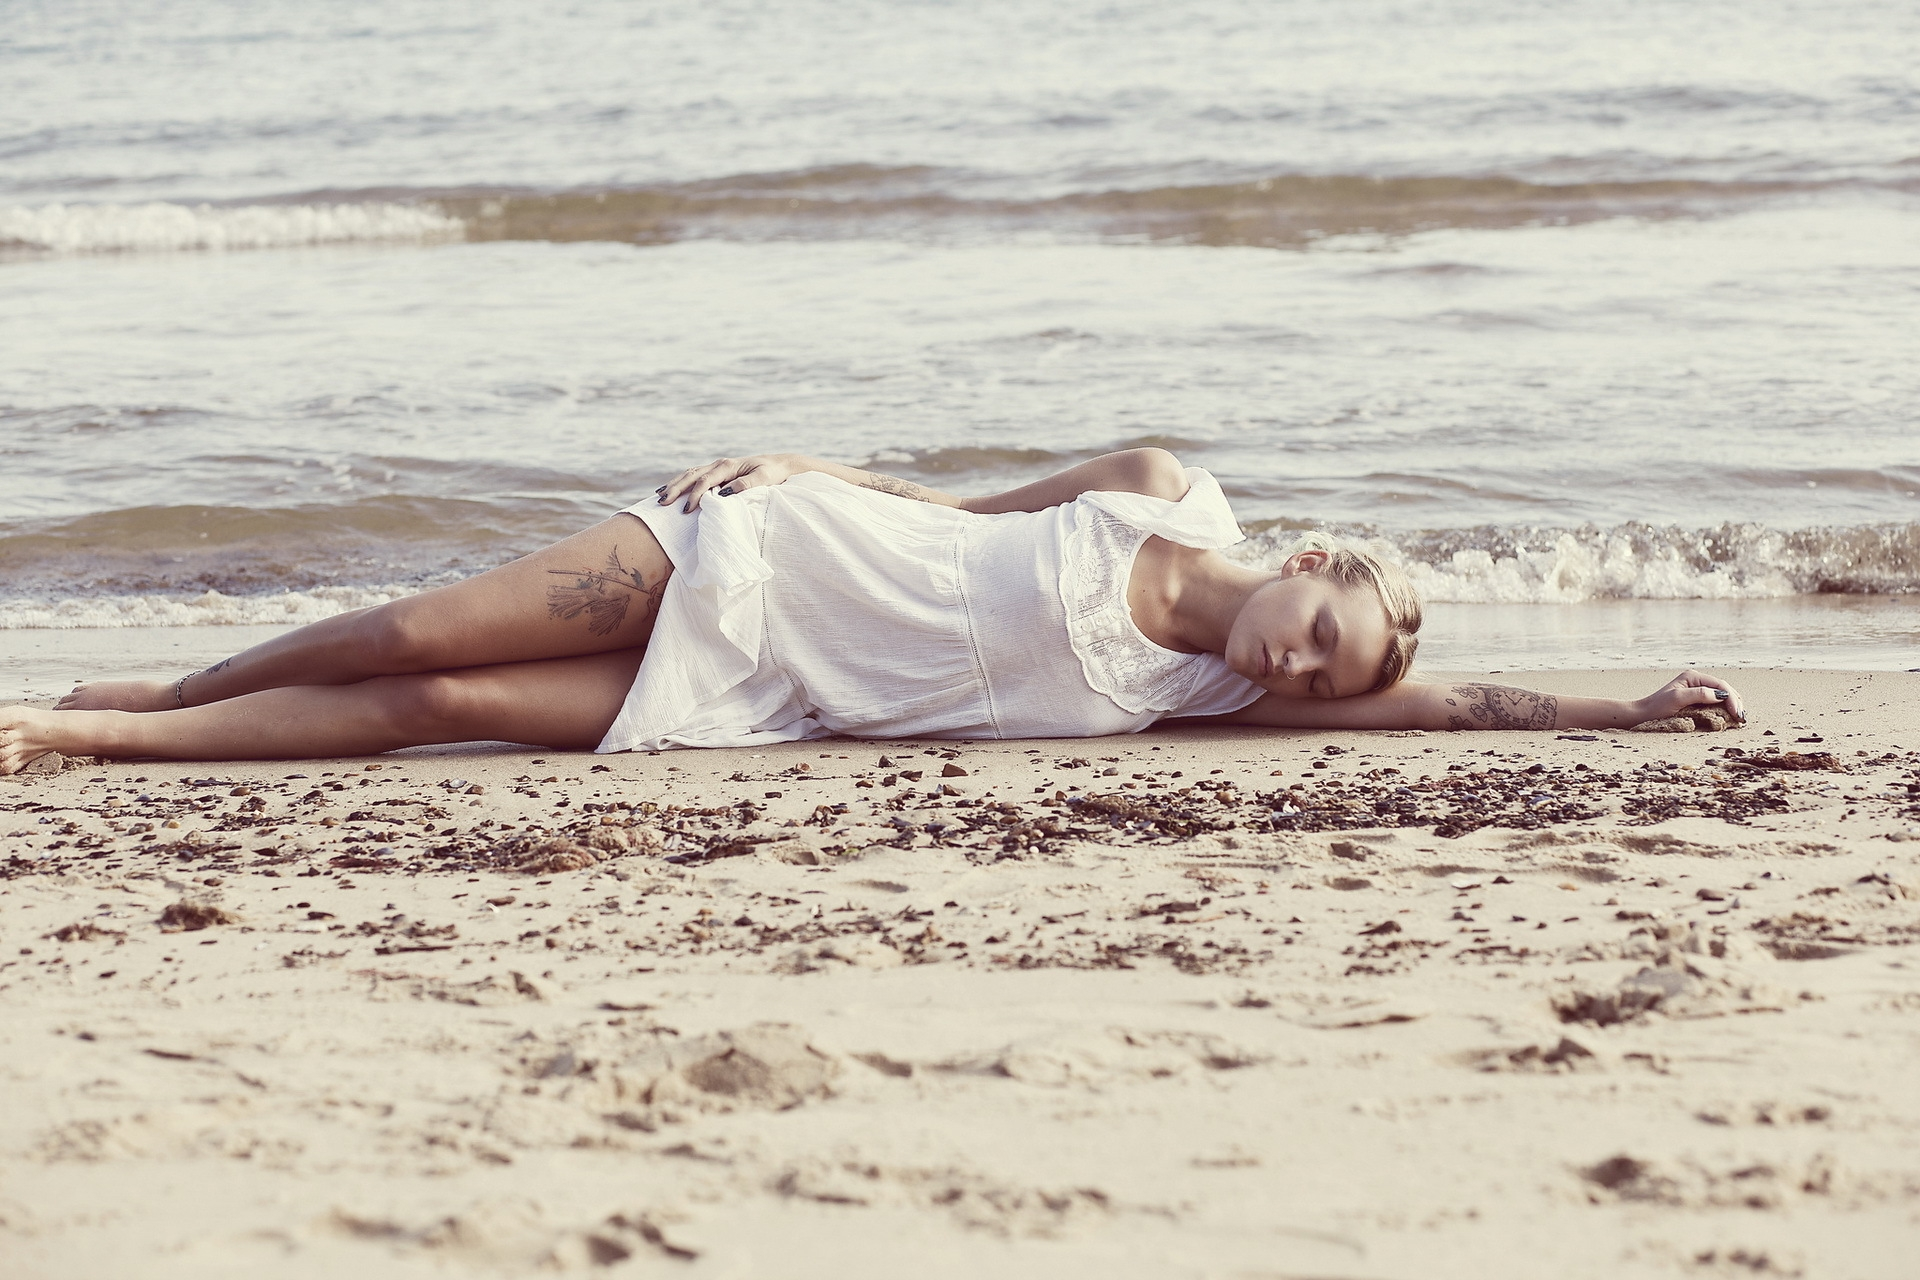 Тату у девушки на песке